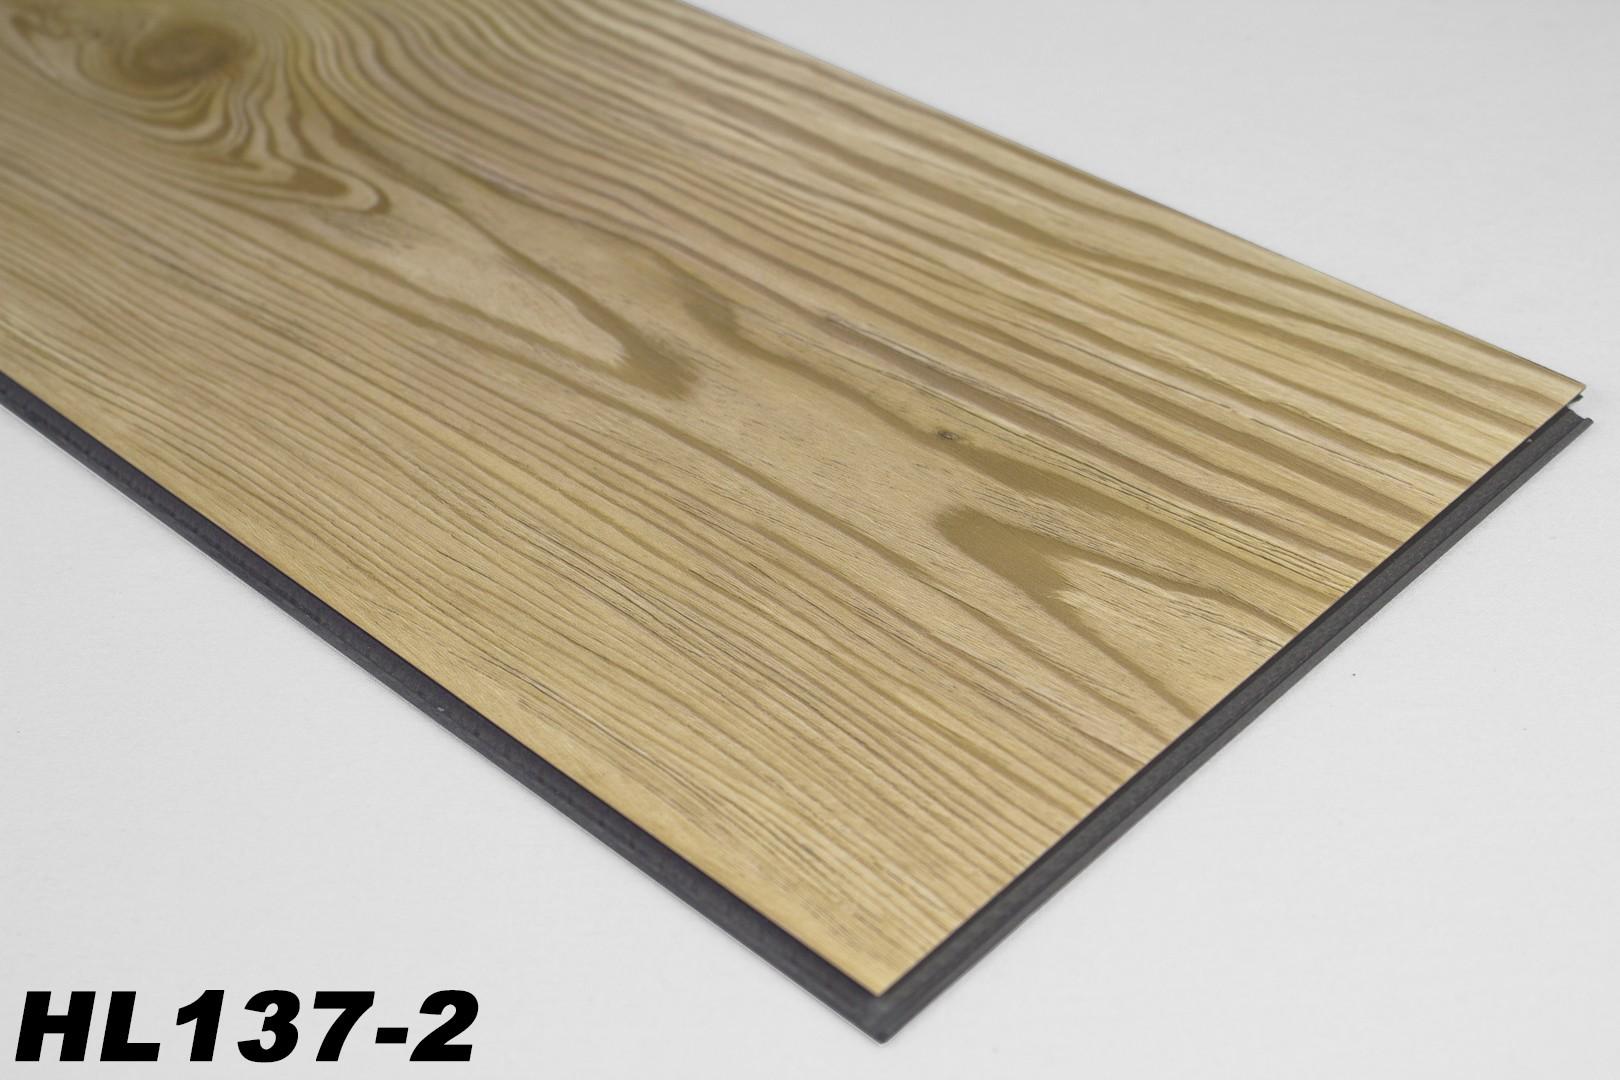 25,44 m² Vinylboden in 4,2mm Uniclic Klick PVC-Dielen Nutzschicht 0,3mm, HL137-2